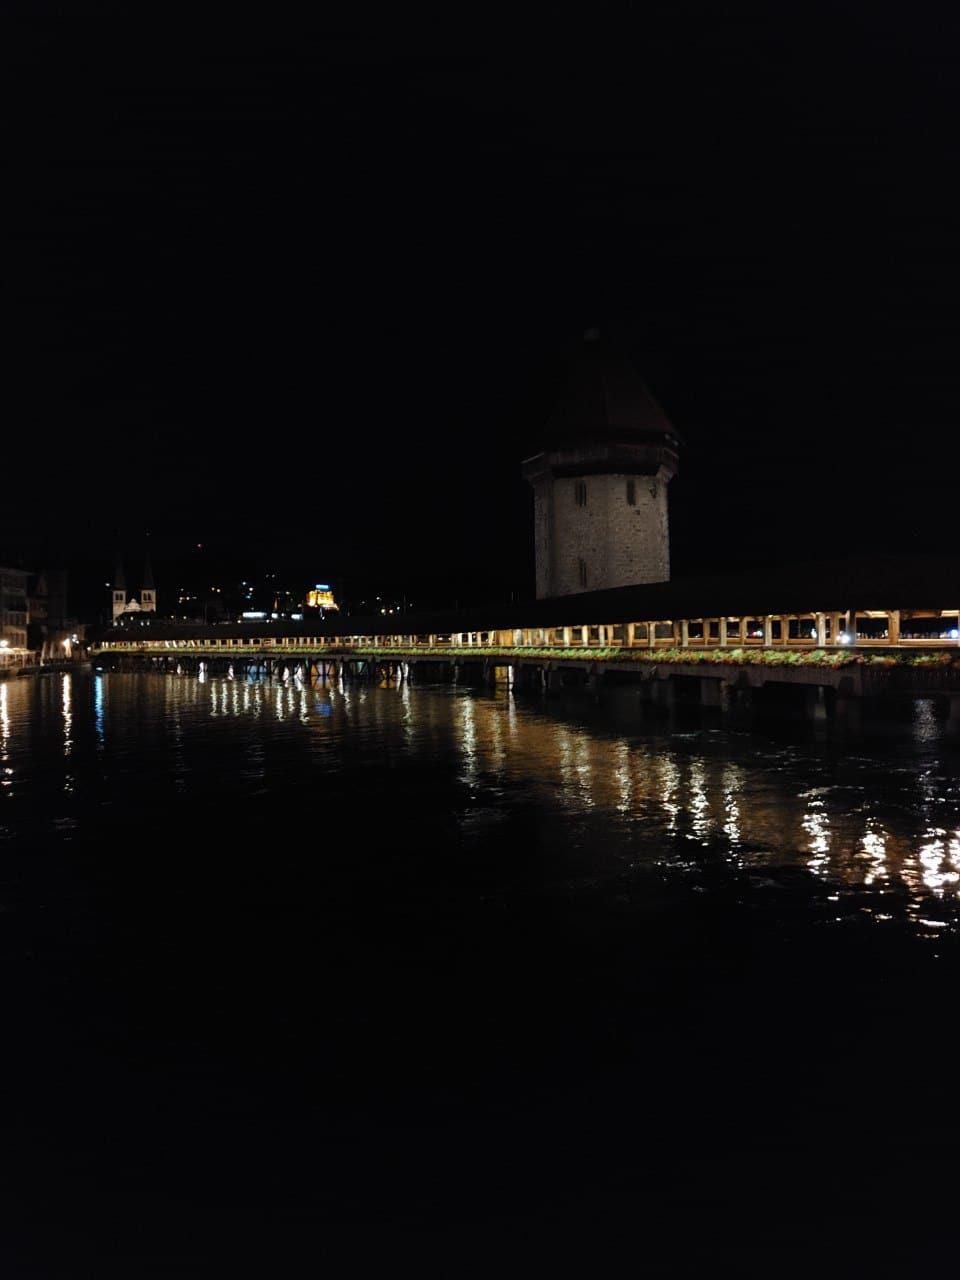 LG Vevlet Nachtaufnahme Kappelbrücke ohne Nachtmodus